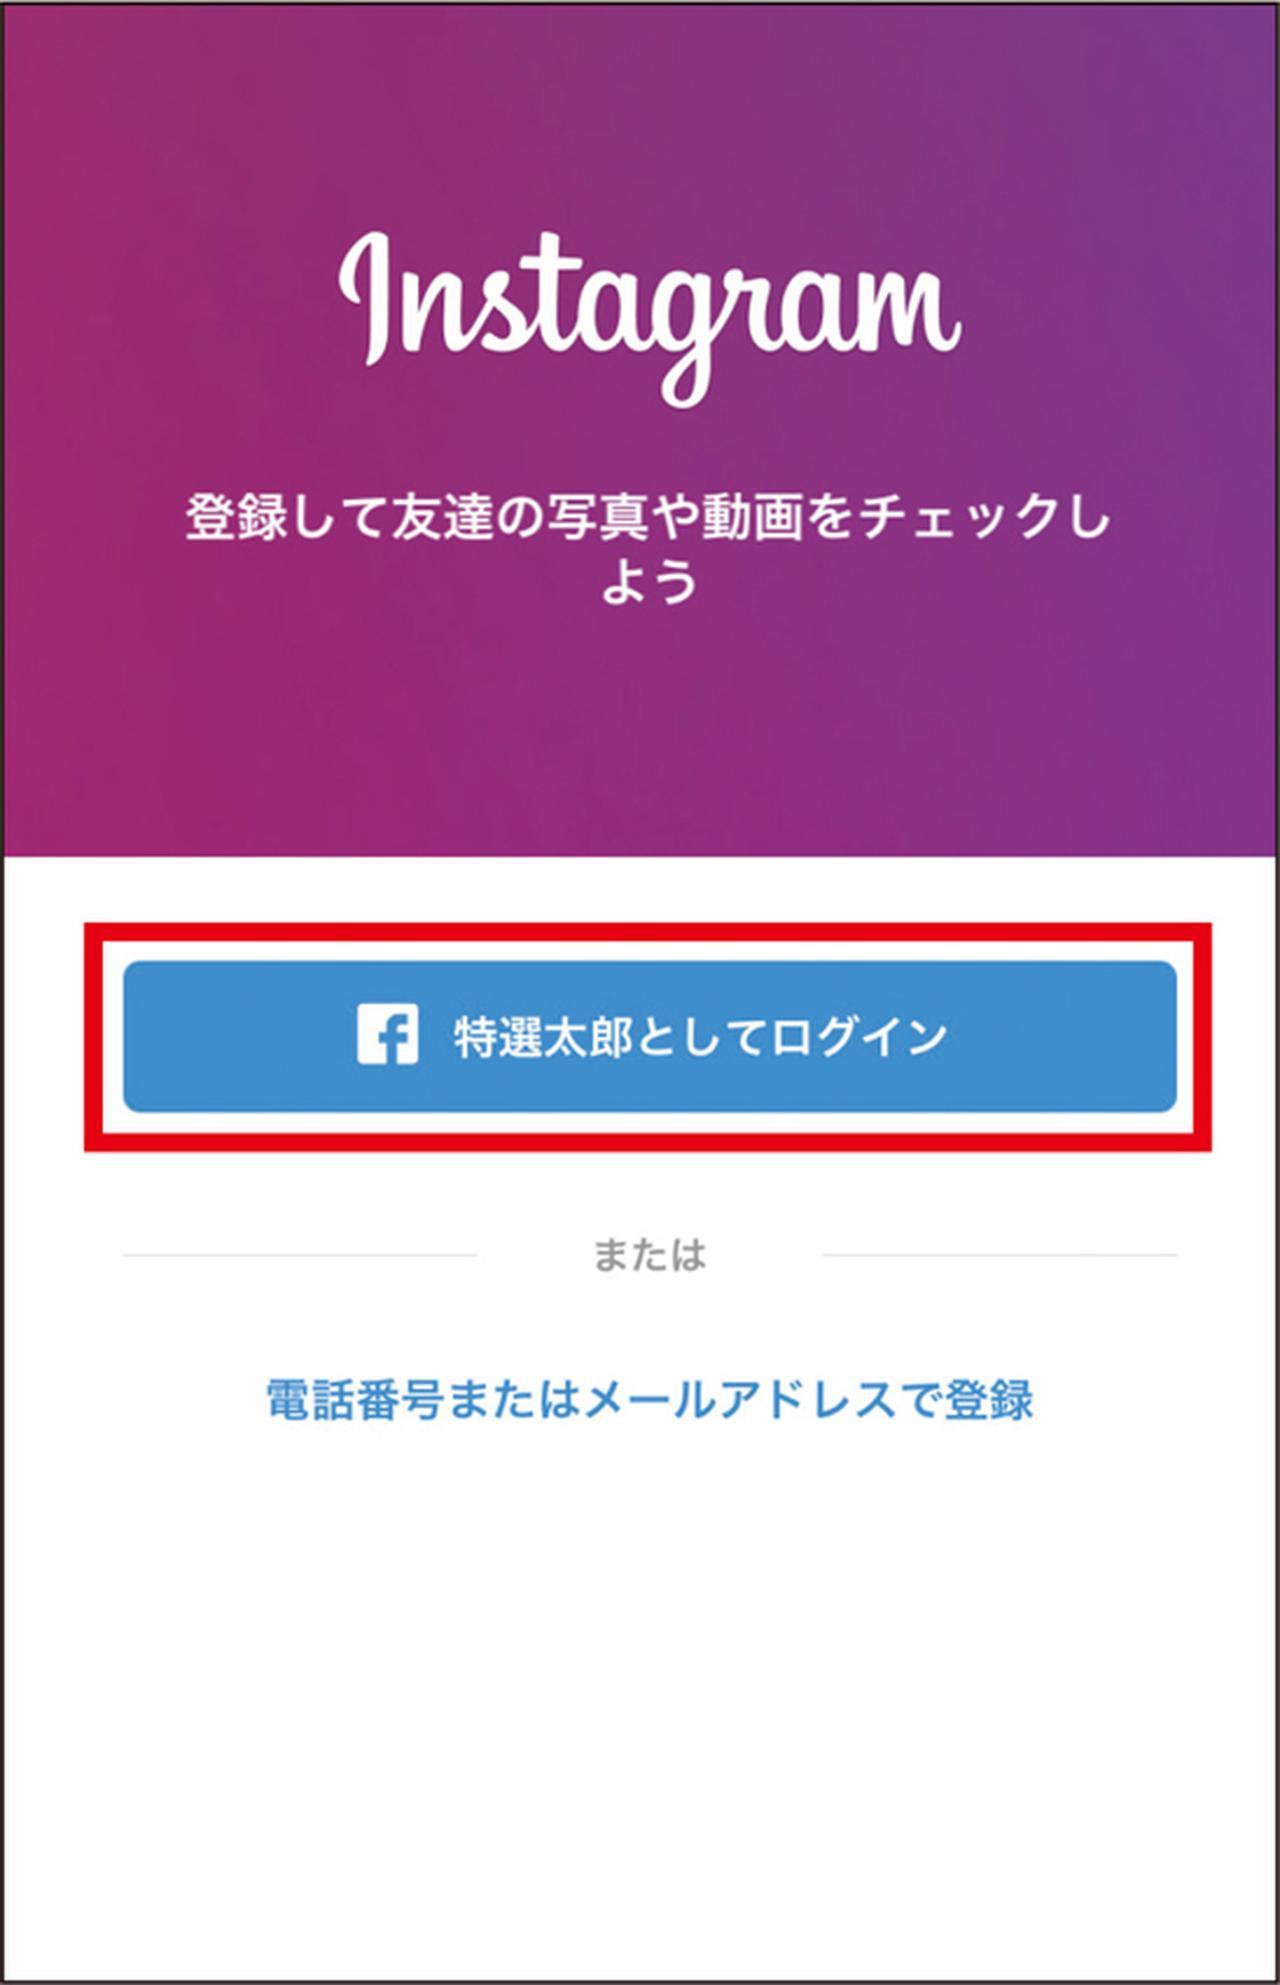 画像: フェイスブックのアカウントを所持している場合は、初期画面中央のボタンからそのままログインしてもいい。